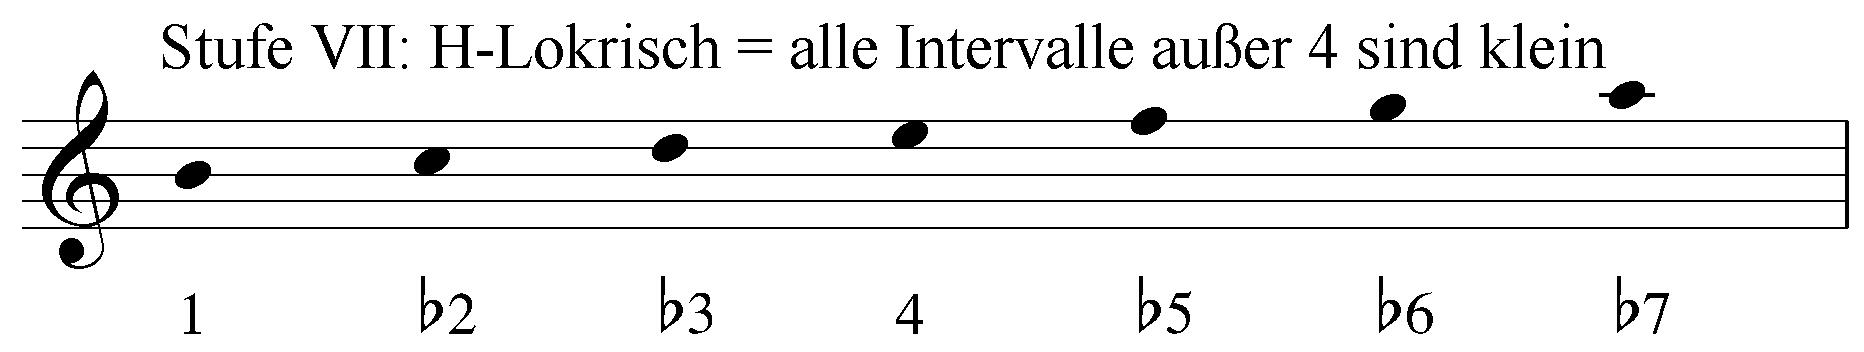 Stufe 7: H-Lokrisch = alle Intervalle außer 4 sind klein. Intervalle 1 b2 b3 4 b5 b6 b7